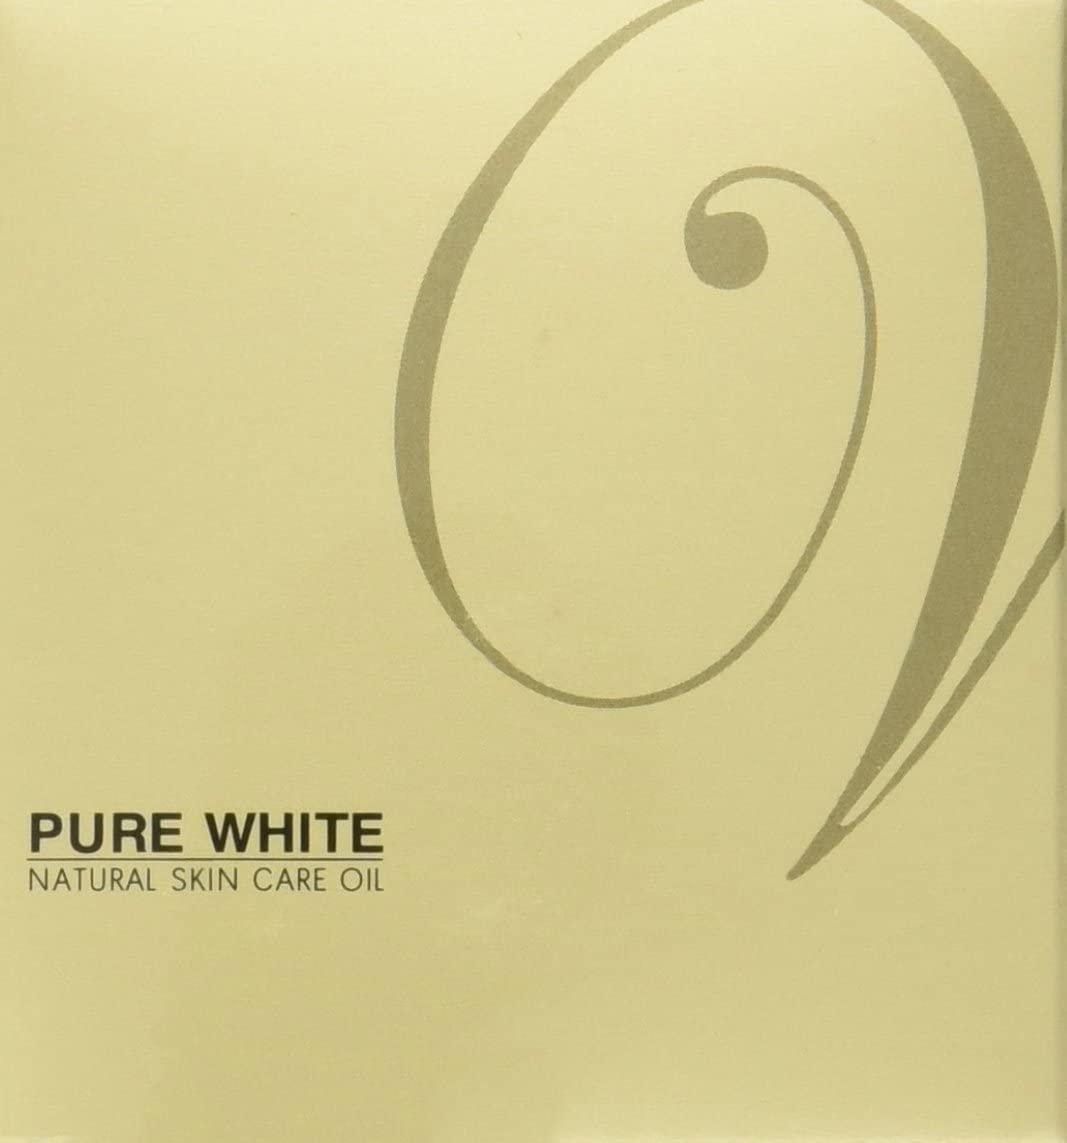 北海道純馬油本舗 北海道精製純馬油ピュアホワイトの商品画像6